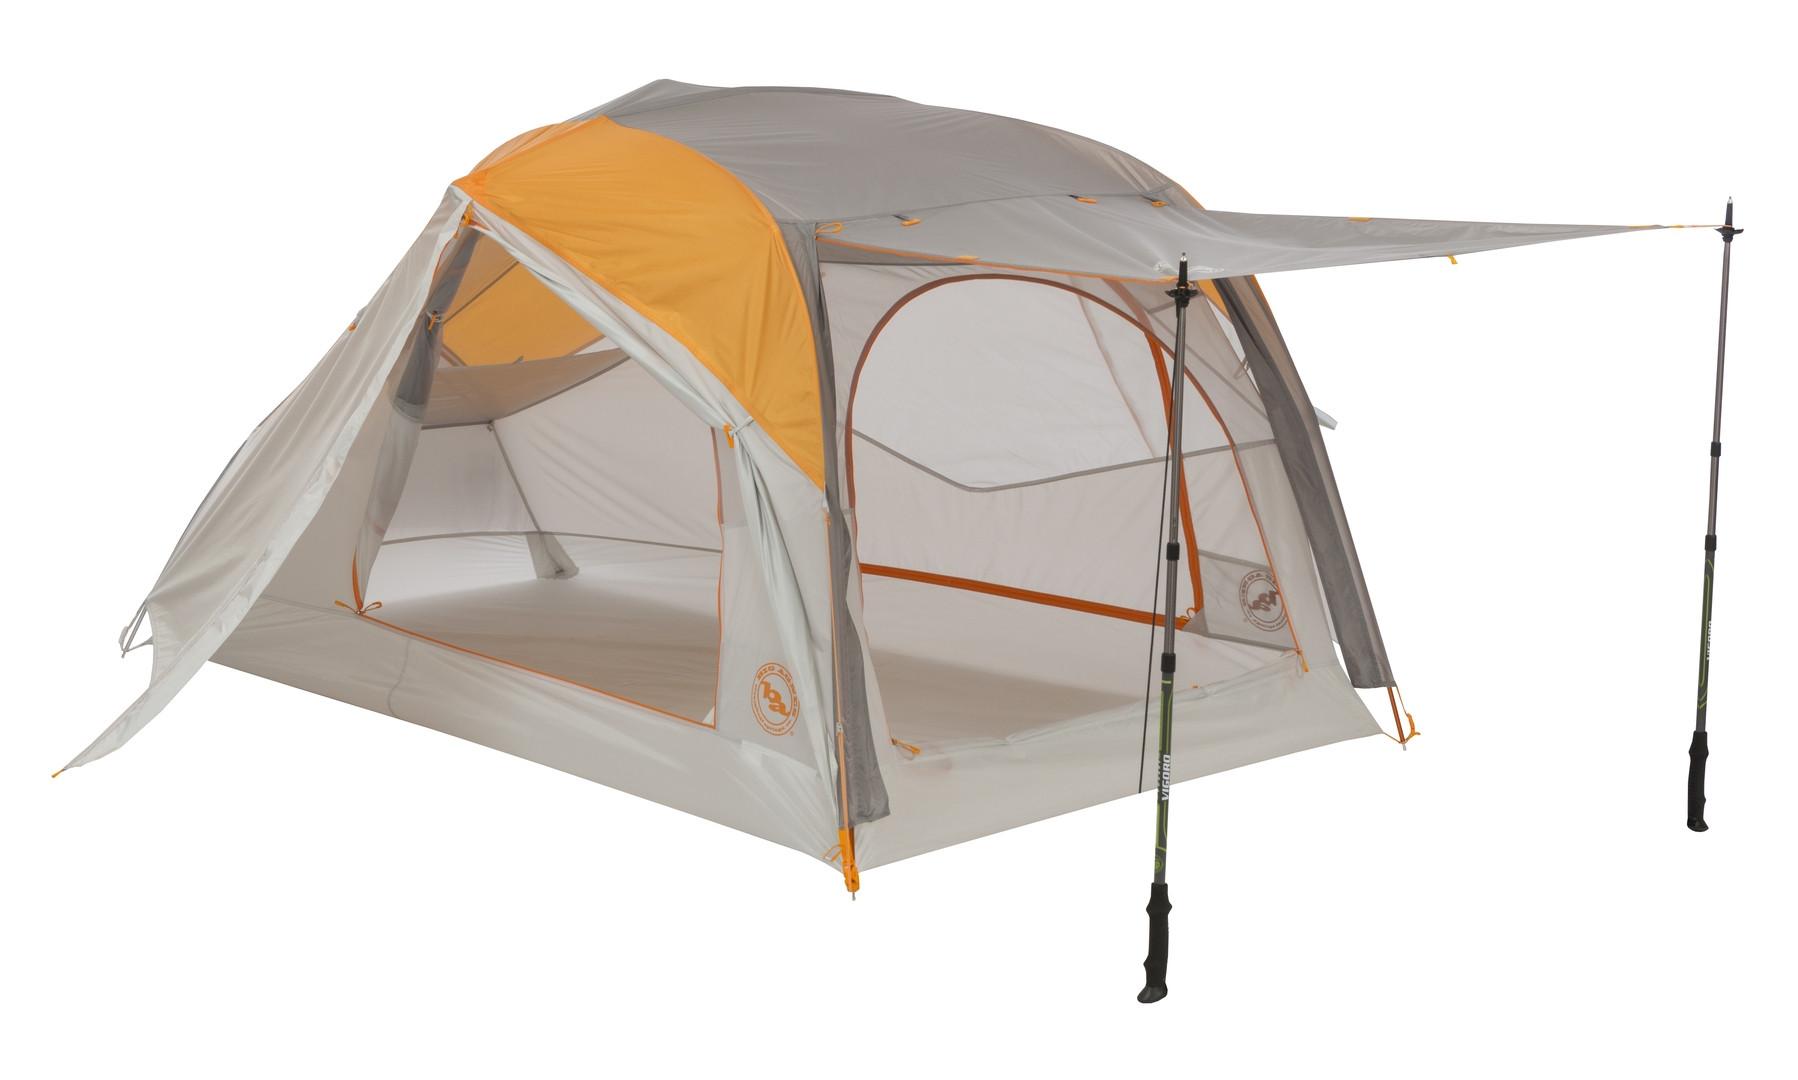 Tente Big Agnes Salt Creek SL2